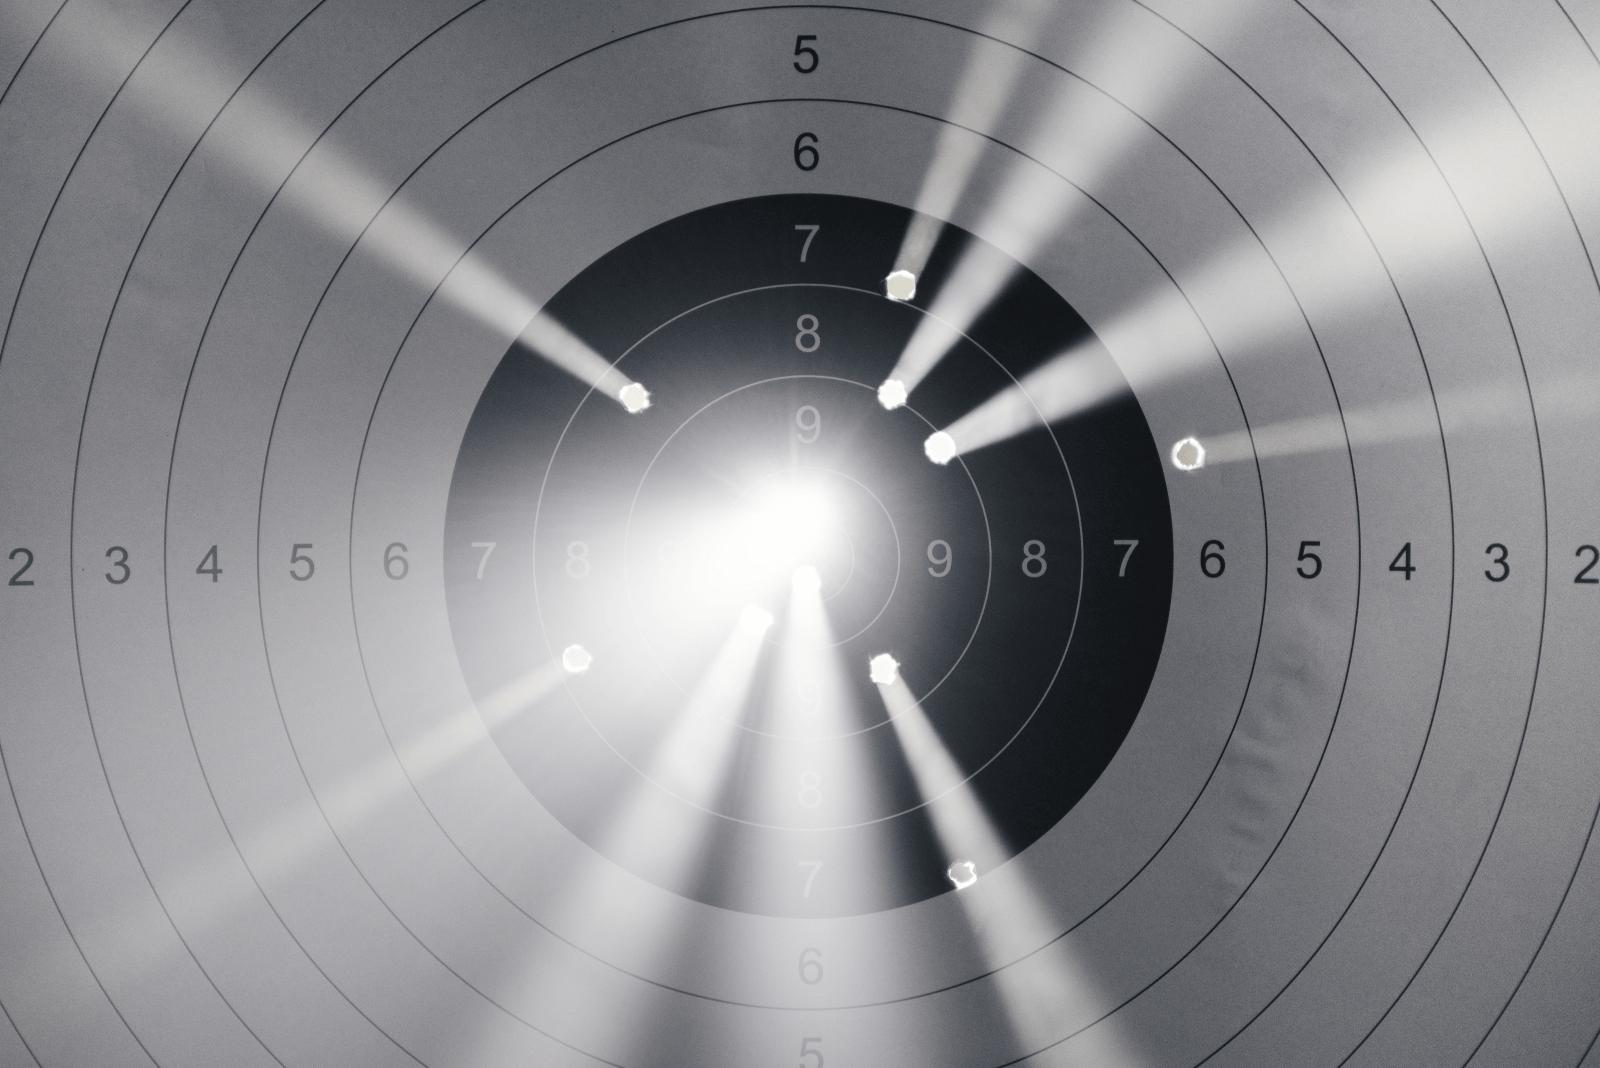 Das Foto zeigt eine durchlöcherte schwarz-weiße Zielscheibe. Durch die Schusslöcher sind Lichtstrahlen von einer nicht zu sehenden Lichtquelle hinter der Zielscheibe zu erkennen. Die Nummern der Zielscheibe gehen von 1-10, wobei sich die Nummer 1 ganz außen befindet und die Nummer 10 in der Mitte. Die Nummer 10 ist auf Grund der Löcher und des Lichtes nicht zu erkennen. Ab der Zahl 7 ist der Hintergrund der Kreise nicht mehr weiß, sondern schwarz.